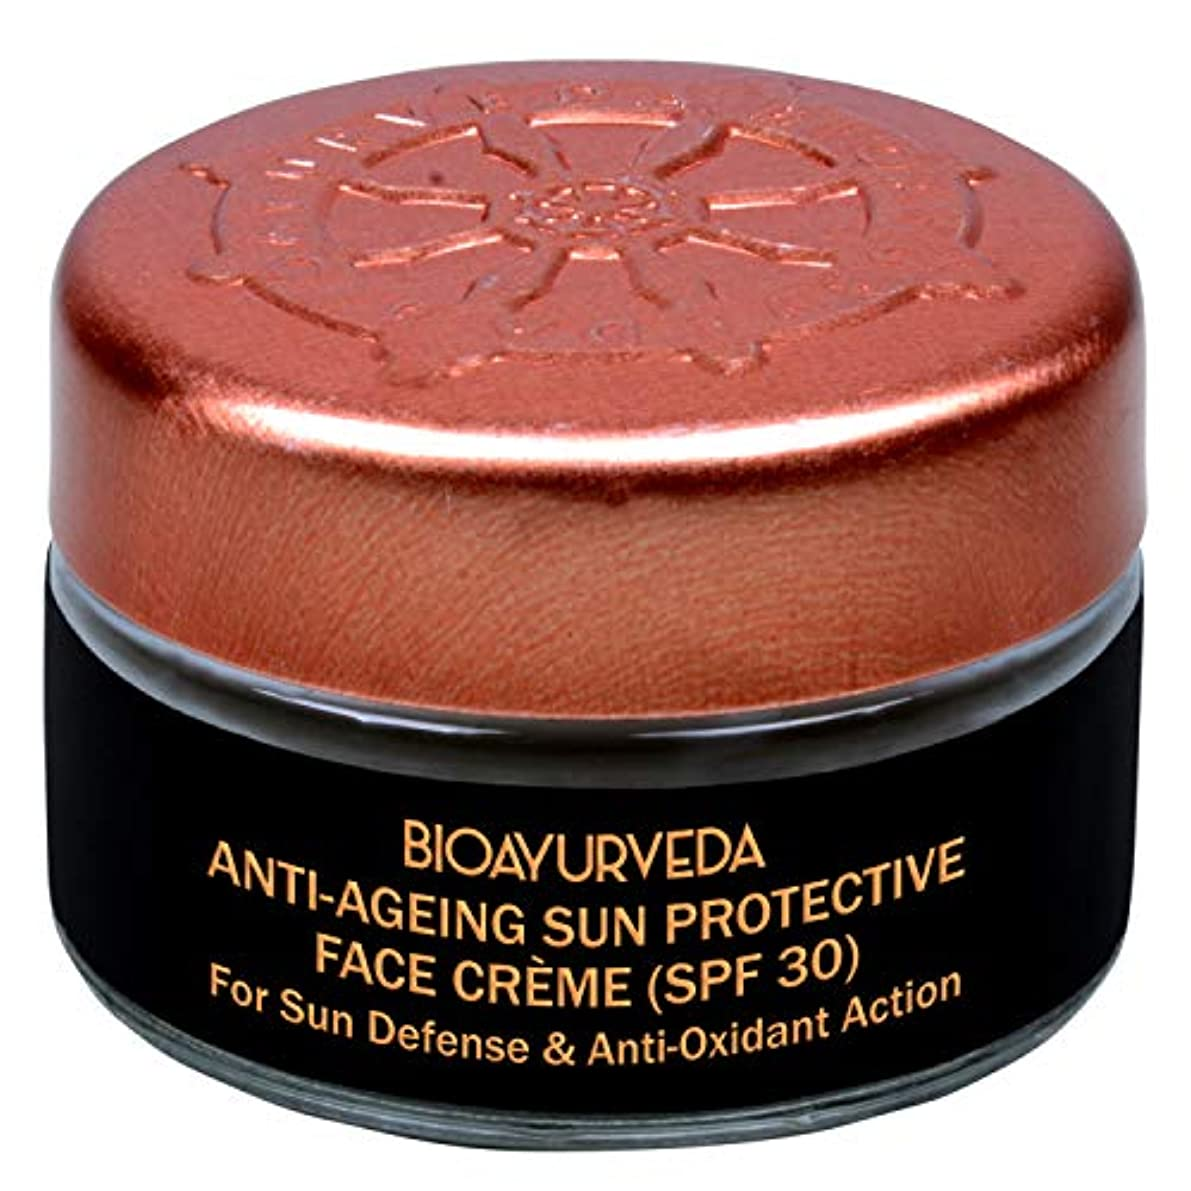 マカダムシチリアチューインガムBIOAYURVEDAアンチエイジングサンプロテクティブクリームwith SPF 30 |敏感肌またはニキビ肌に最適な日焼け止め|顔の保湿剤| (20g)